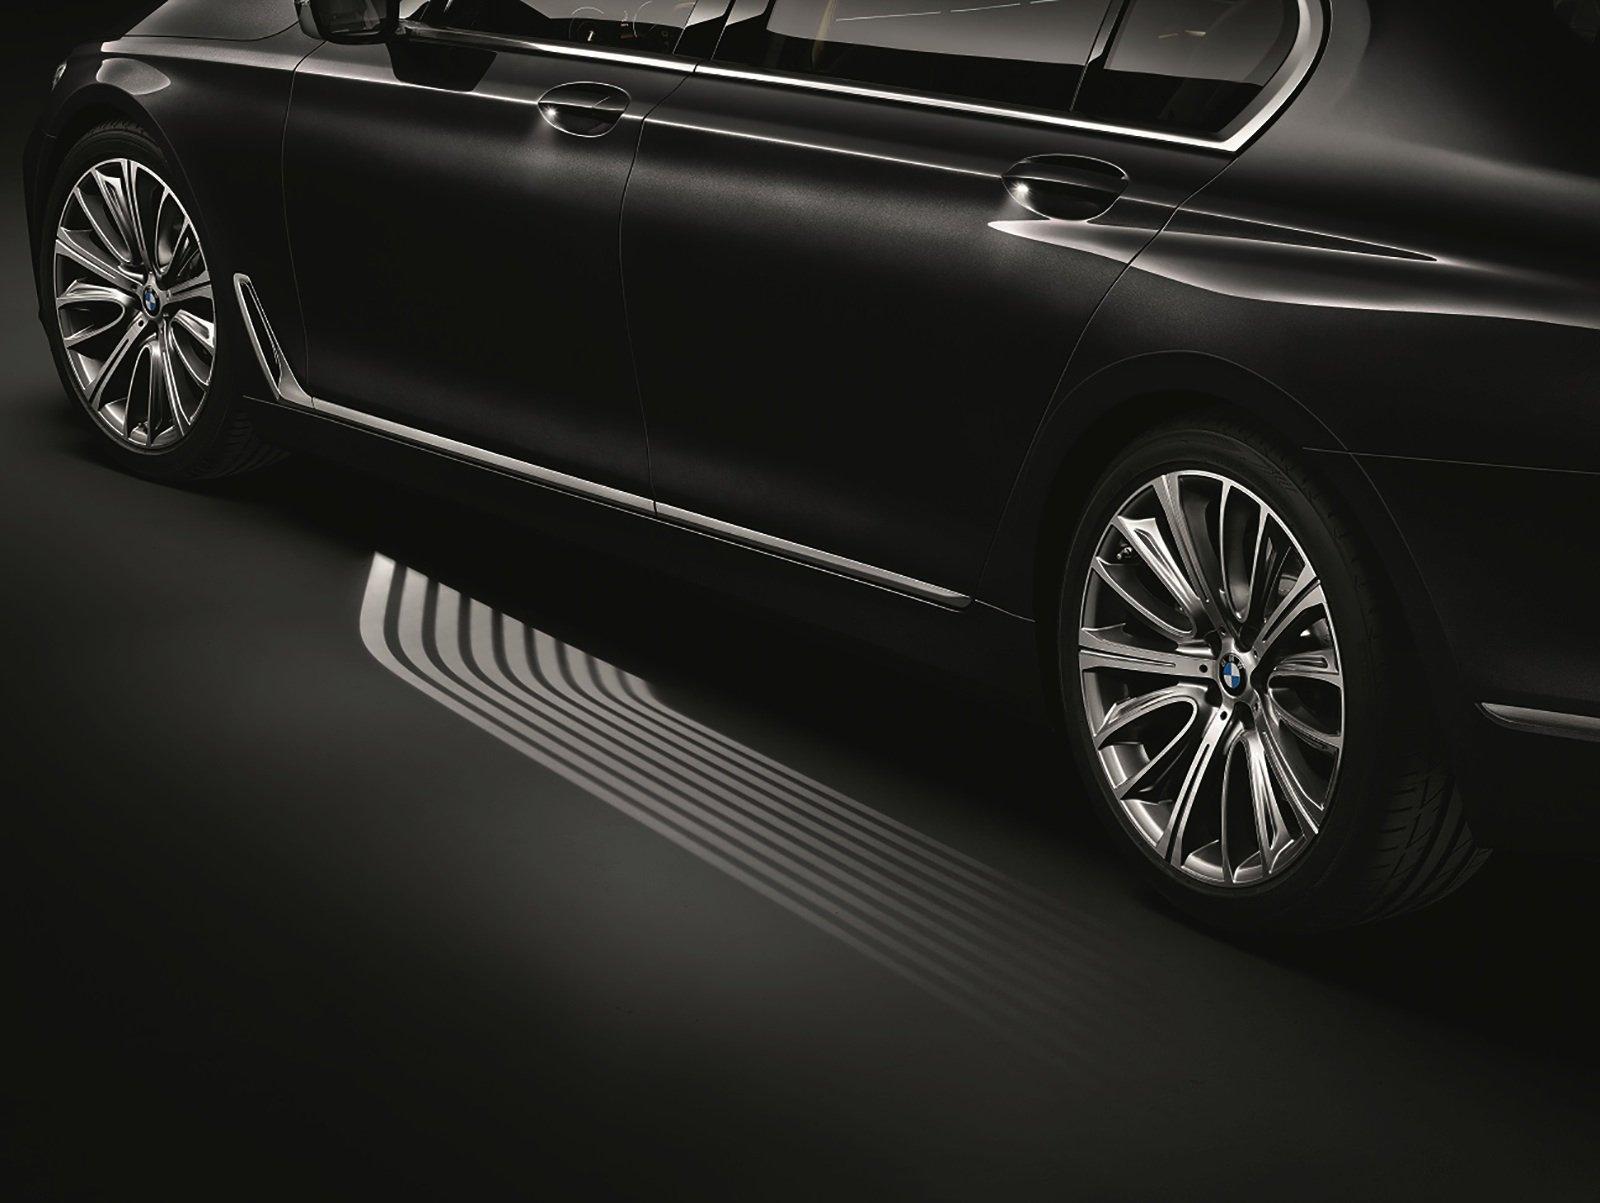 Mikrolinsen projizieren das Licht auf den Einstiegsbereich der neuen BMW 7er Reihe.